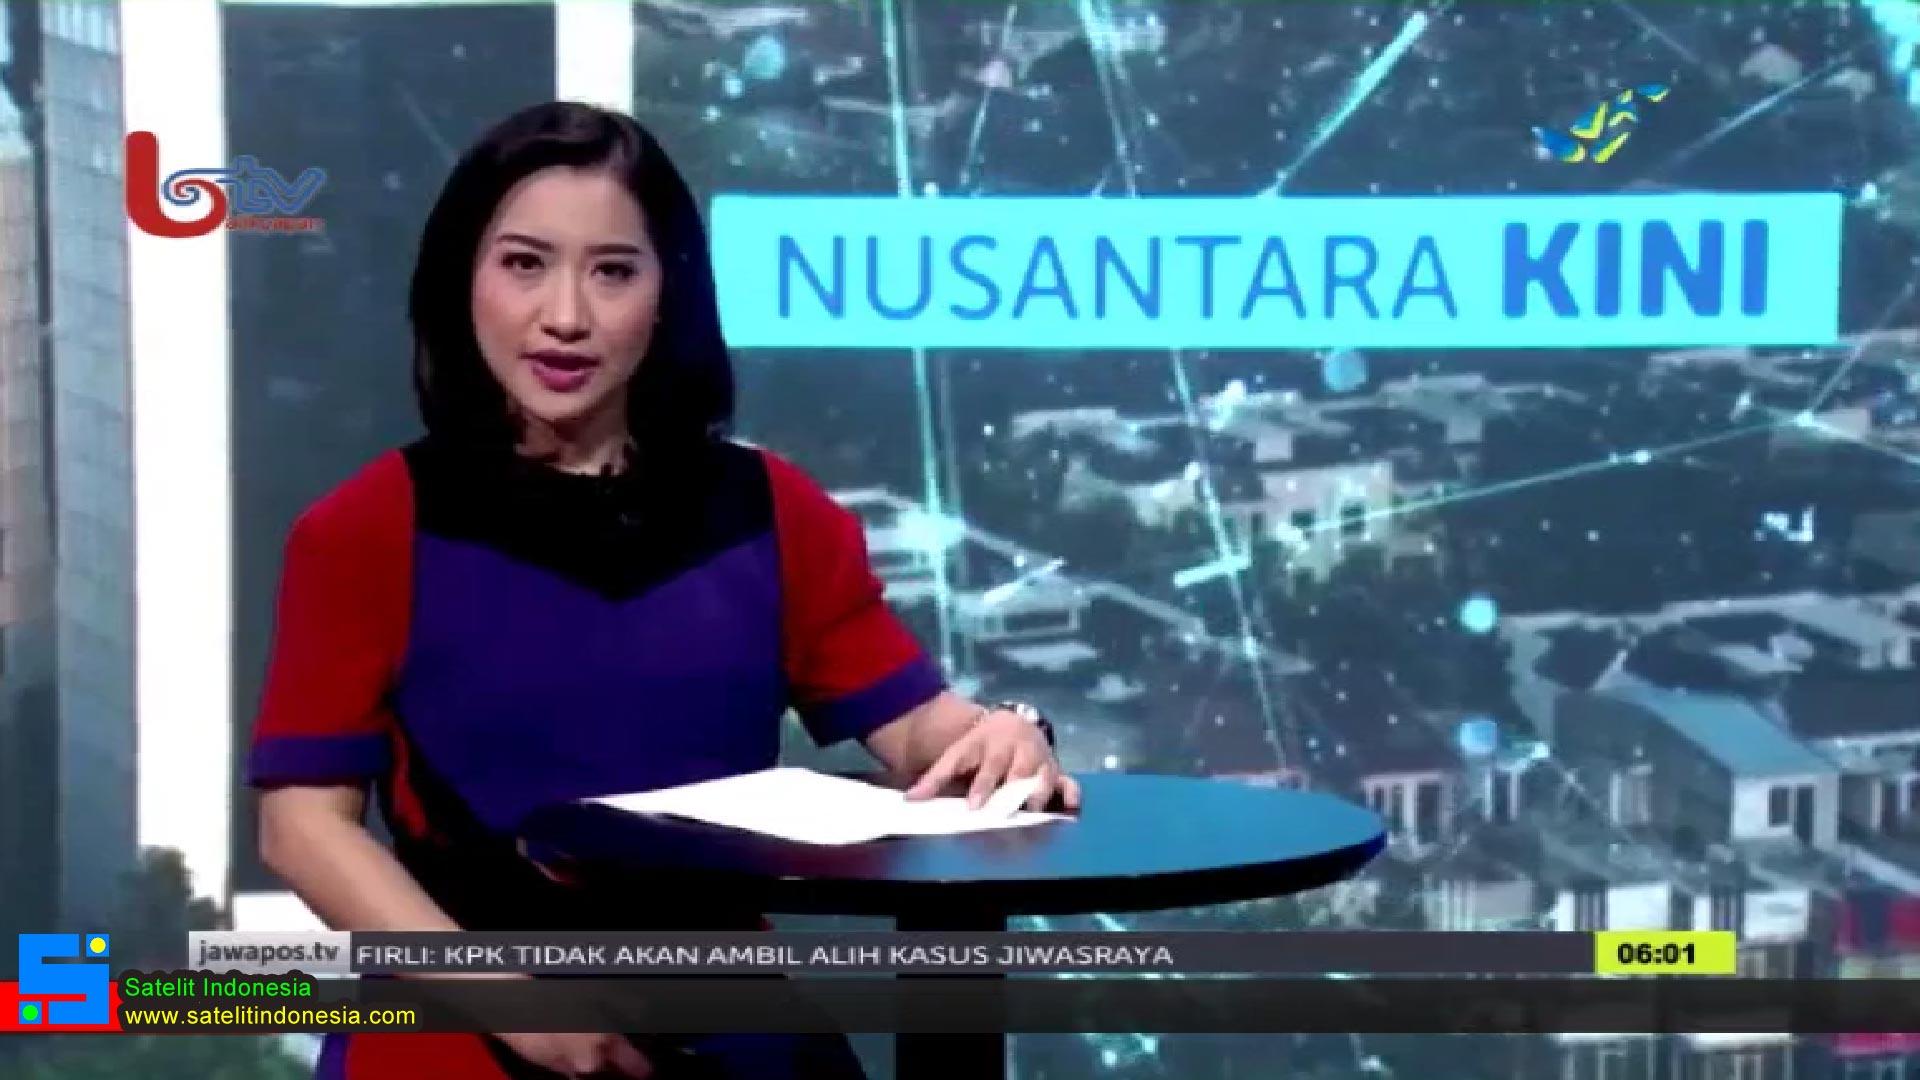 Frekuensi siaran Balikpapan TV di satelit ChinaSat 11 Terbaru